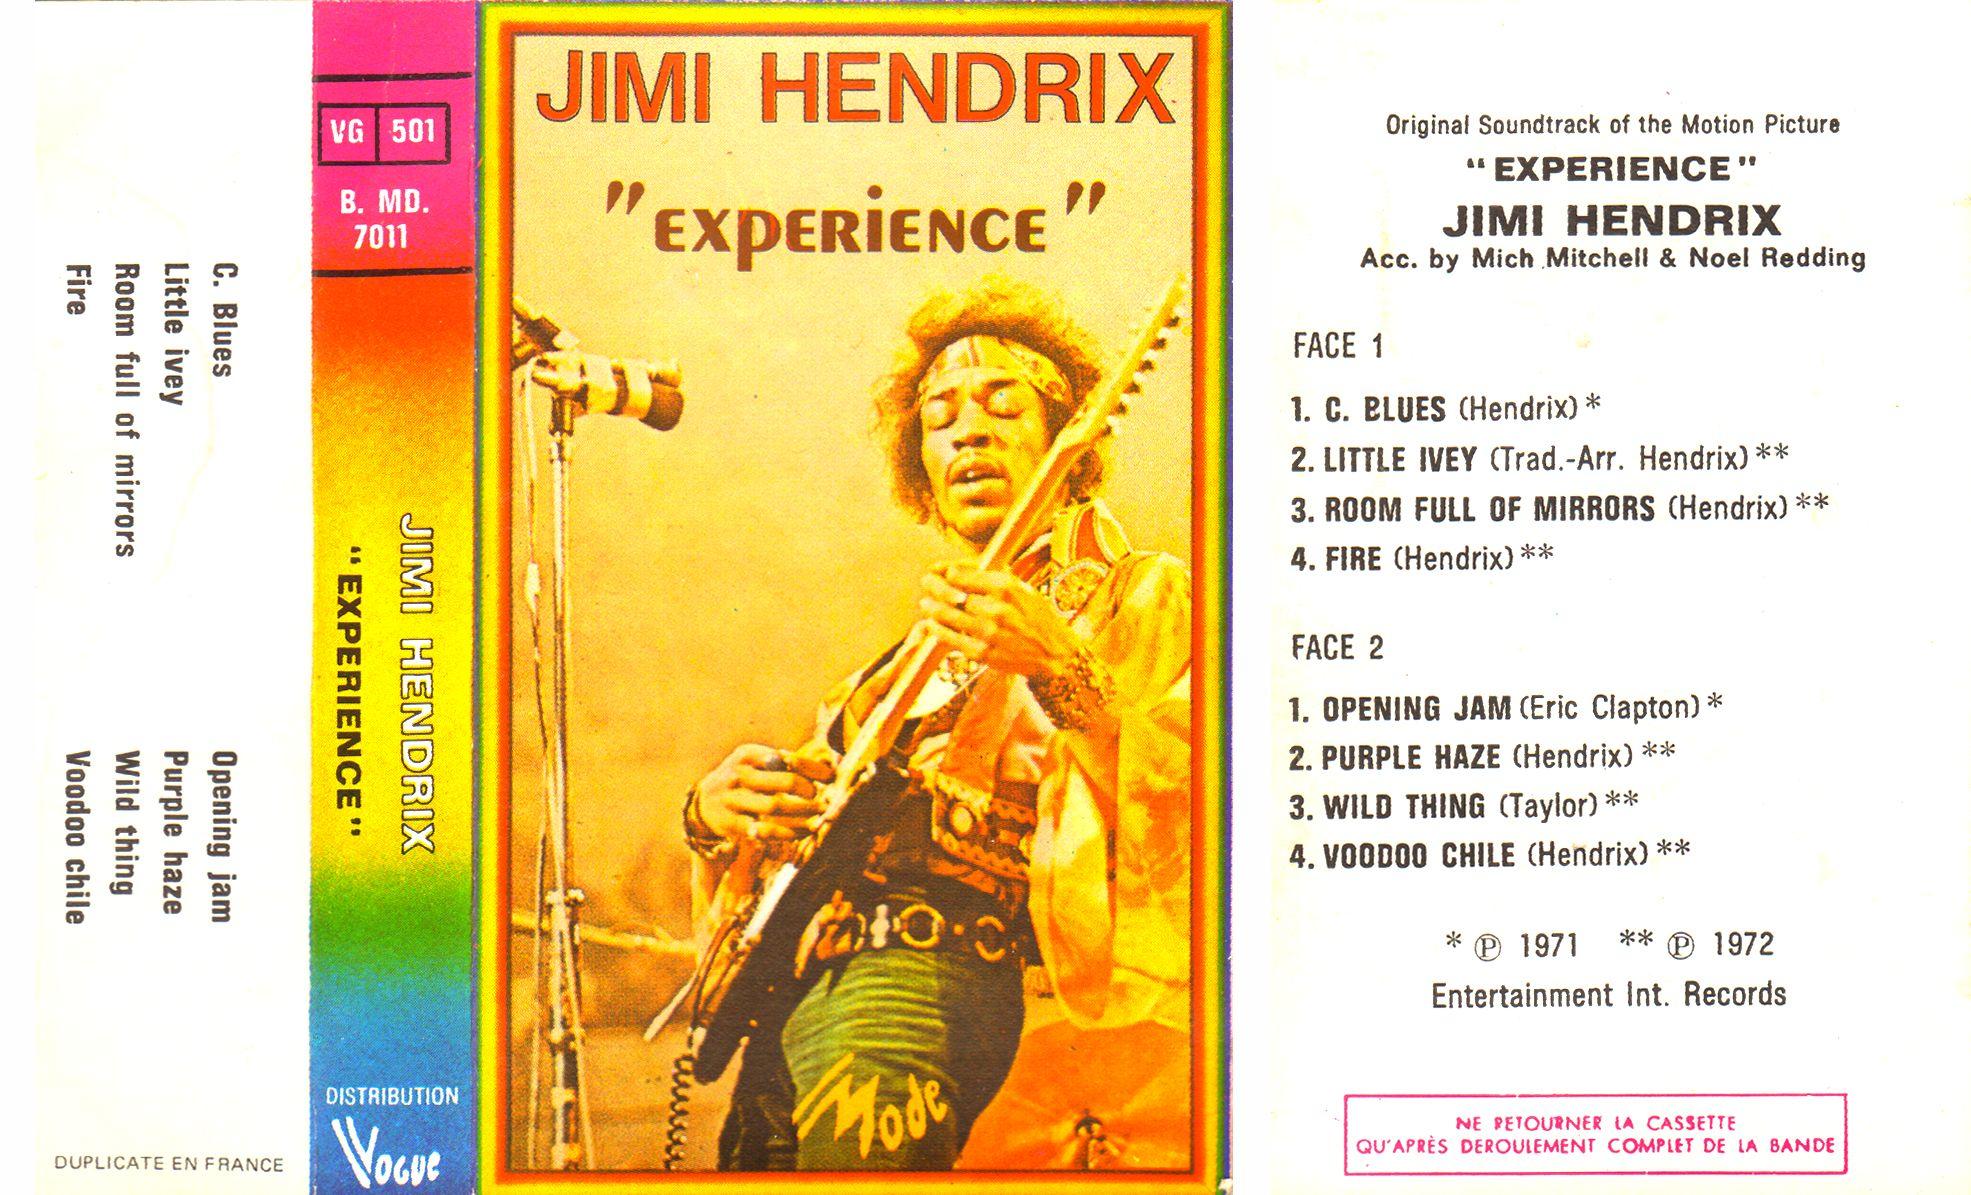 Londres (Royal Albert Hall) : 24 février 1969 - Page 4 1977ExperienceRAH-K7VogueBMD7011